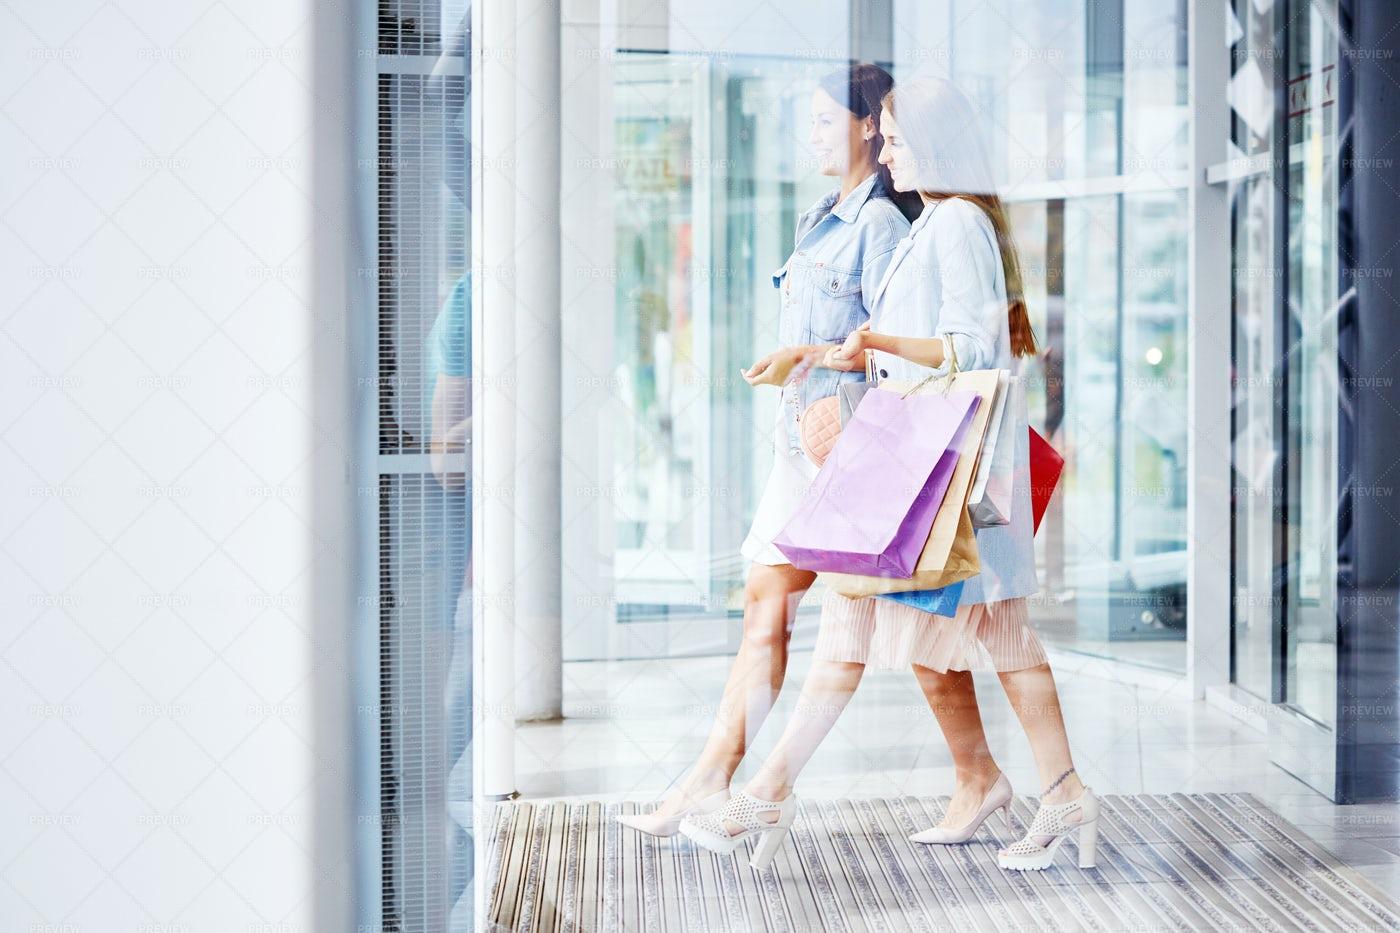 Beautiful Women Leaving Shopping...: Stock Photos